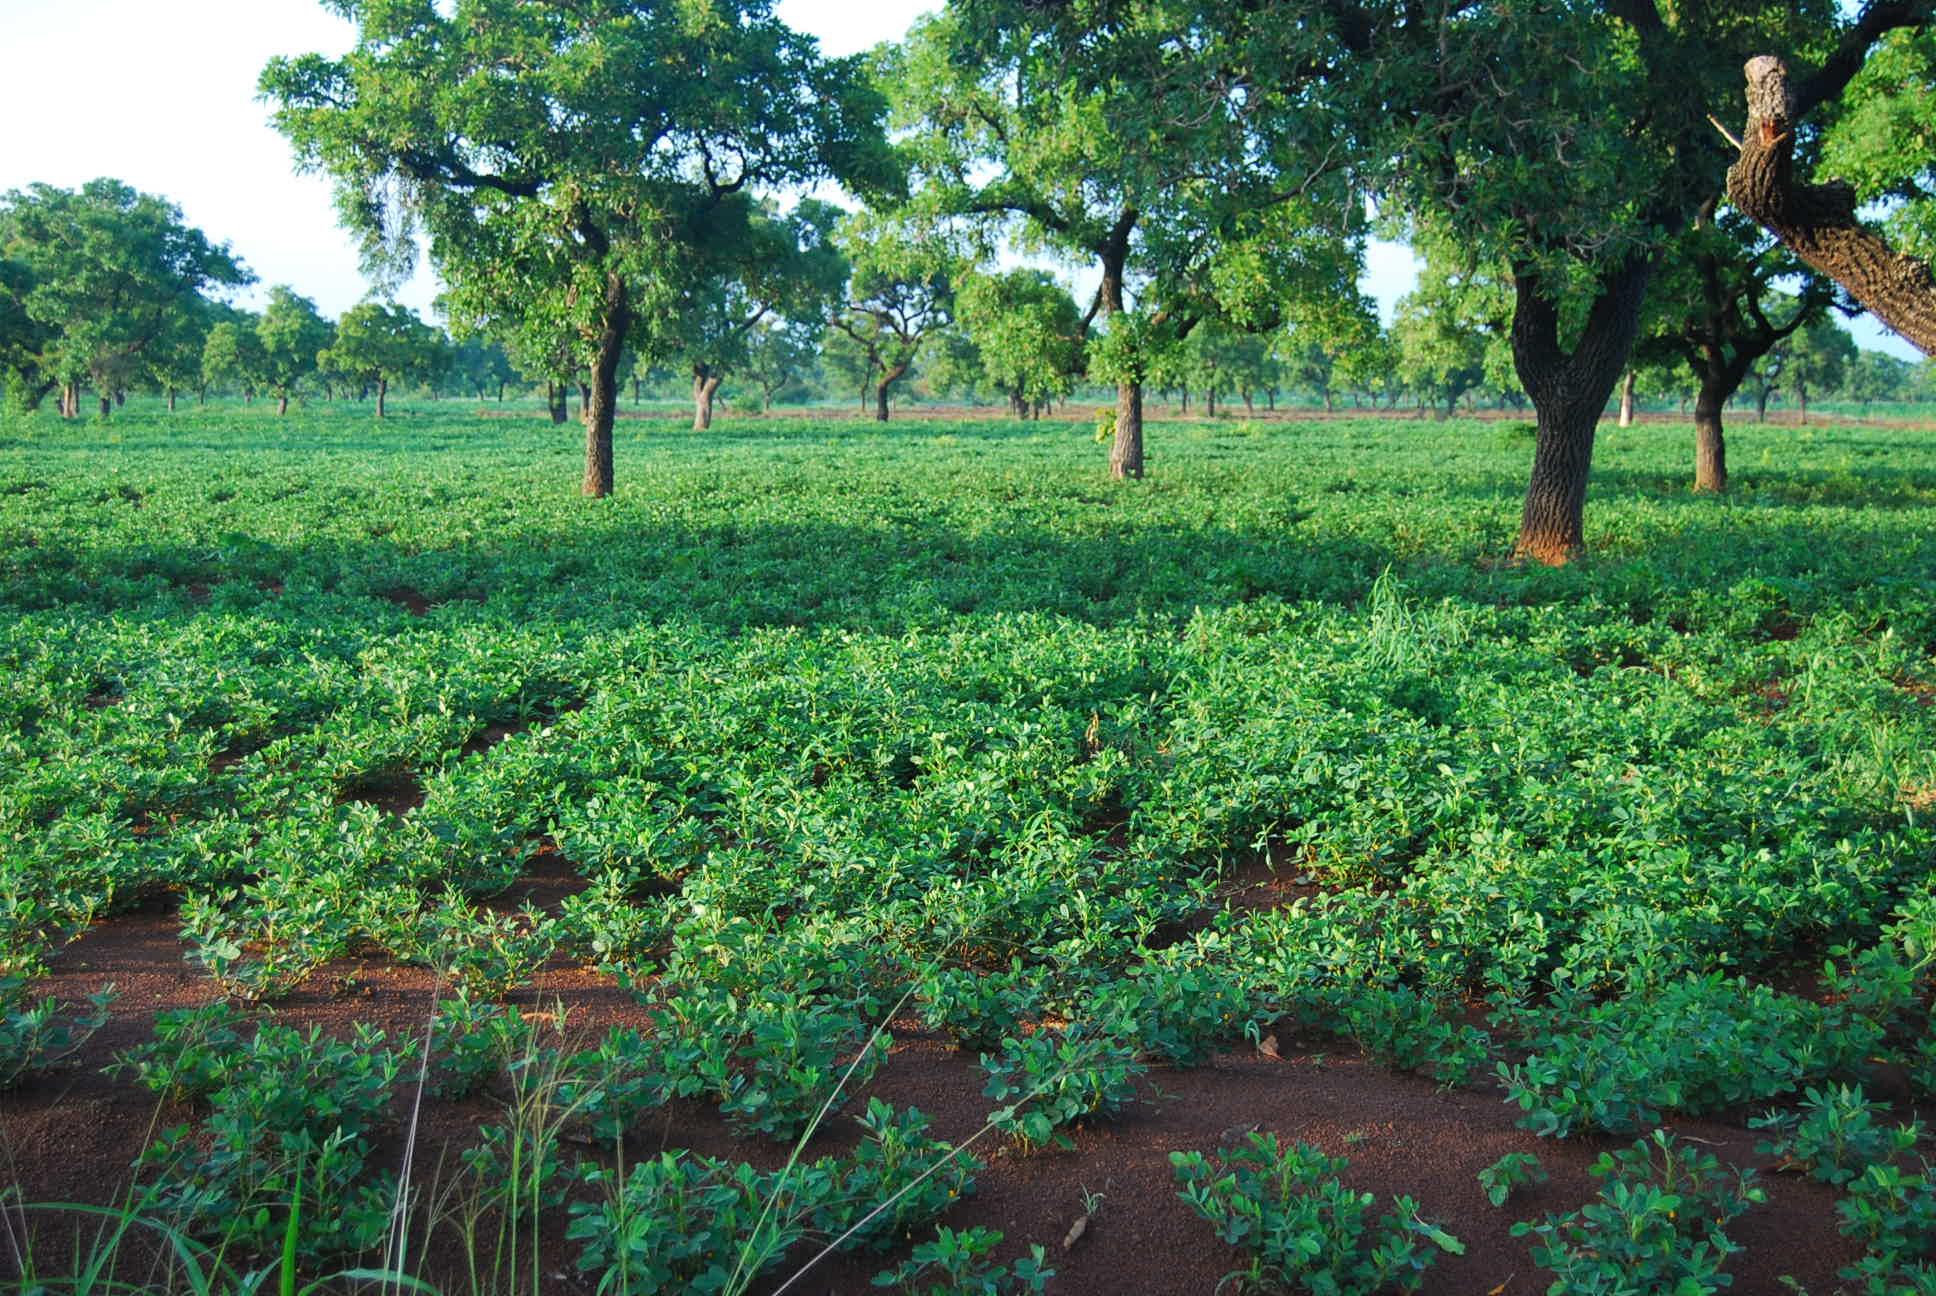 Maniok - Grundnahrung für 1 Milliarde Menschen weltweit